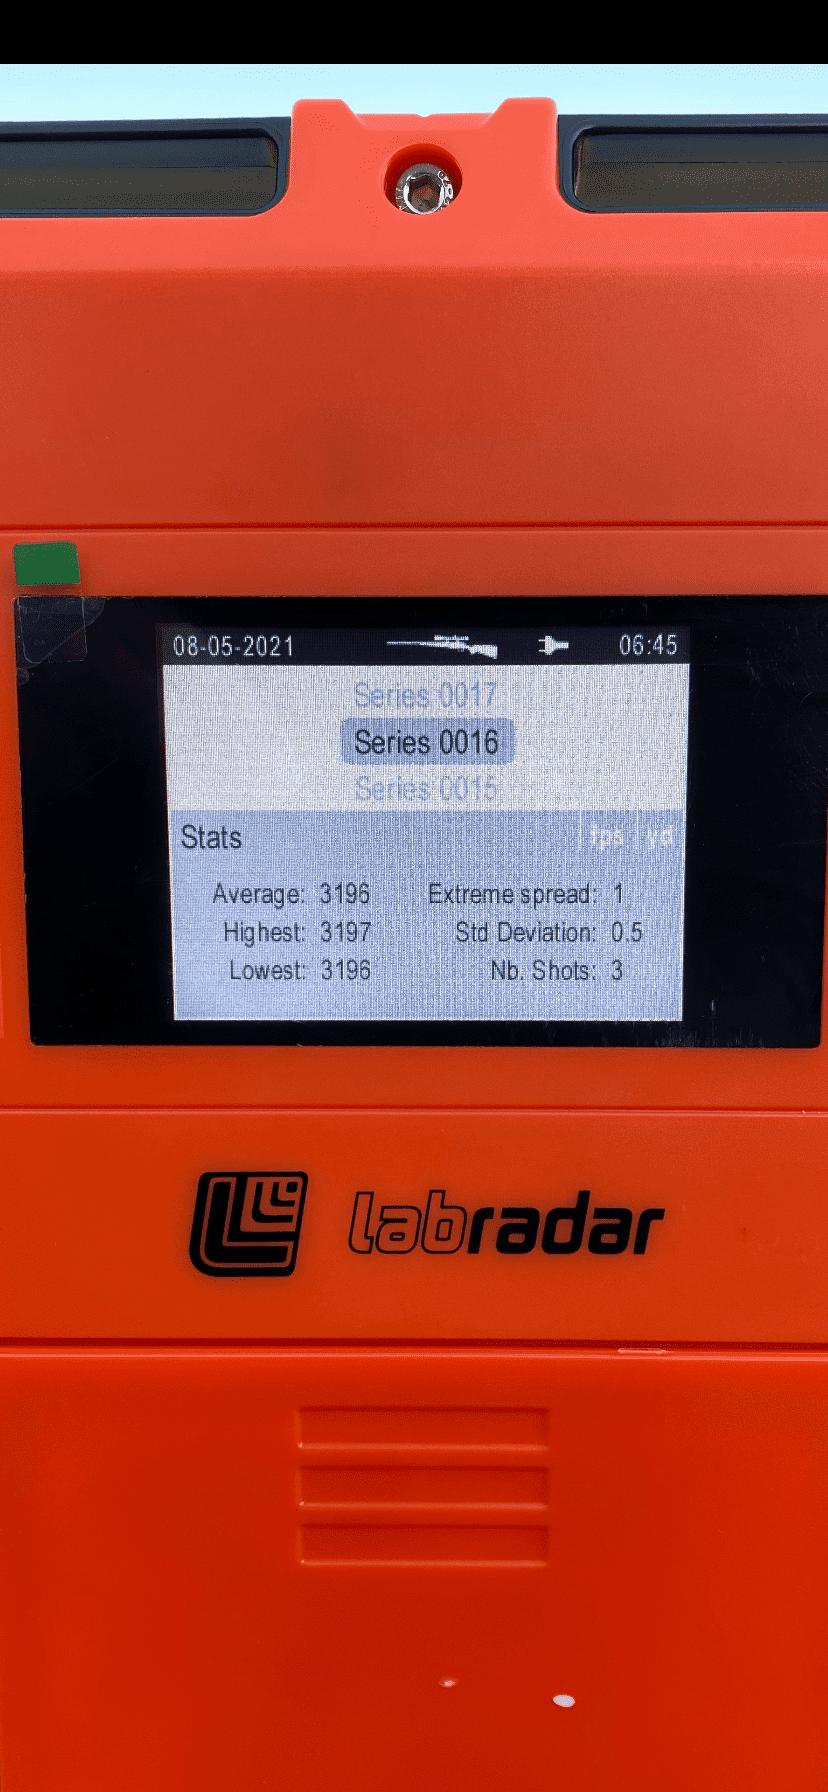 E029806B-6768-4370-BCE5-1D7D15A04E52.png